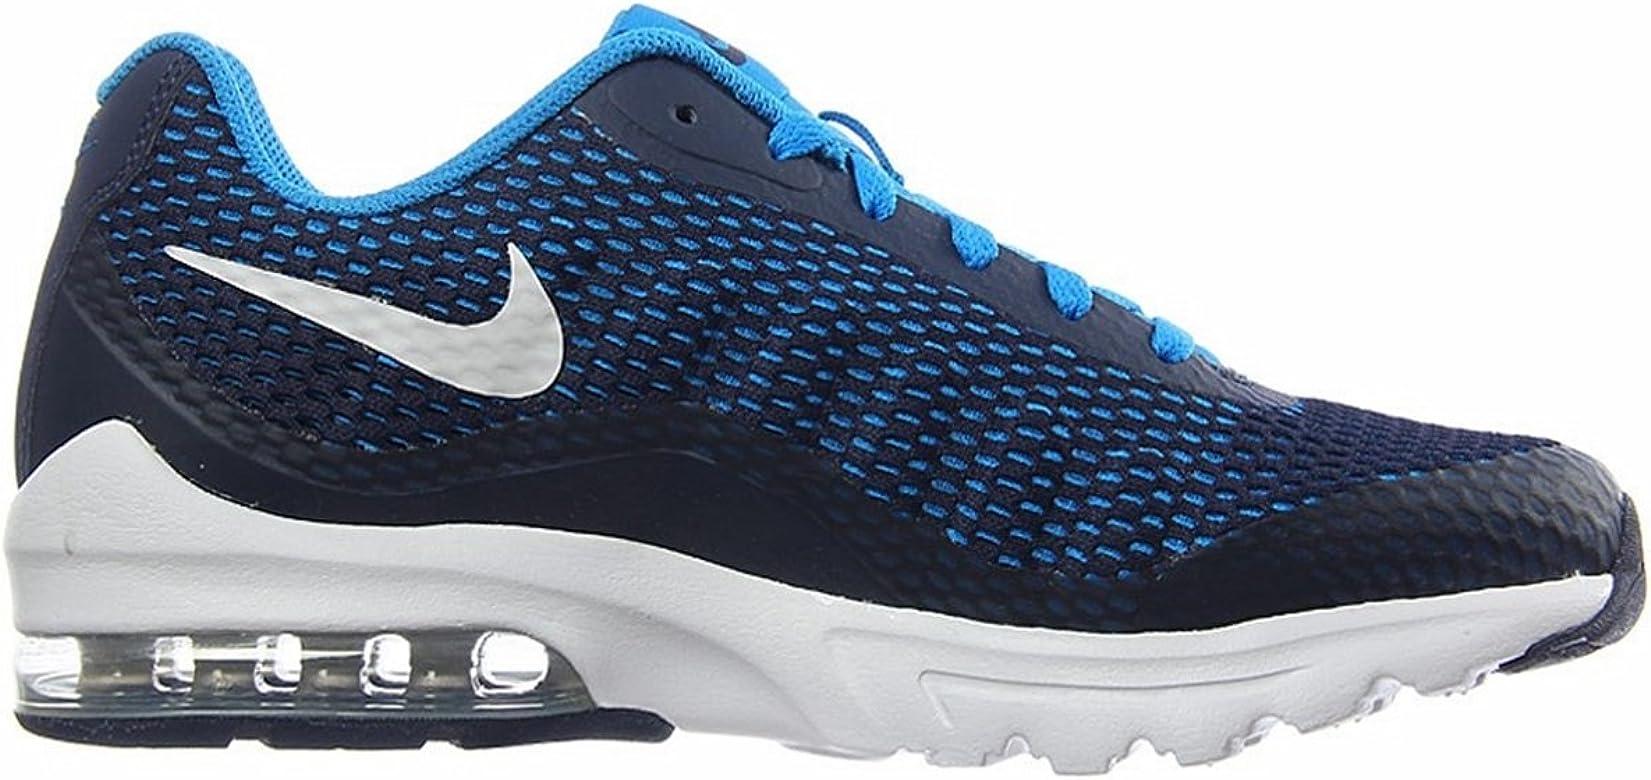 Nike Air MAX Invigor SE, Zapatillas de Running para Hombre, Azul (Azul/(Midnight Navy/White/Photo Blue) 000), 40.5 EU: Amazon.es: Zapatos y complementos